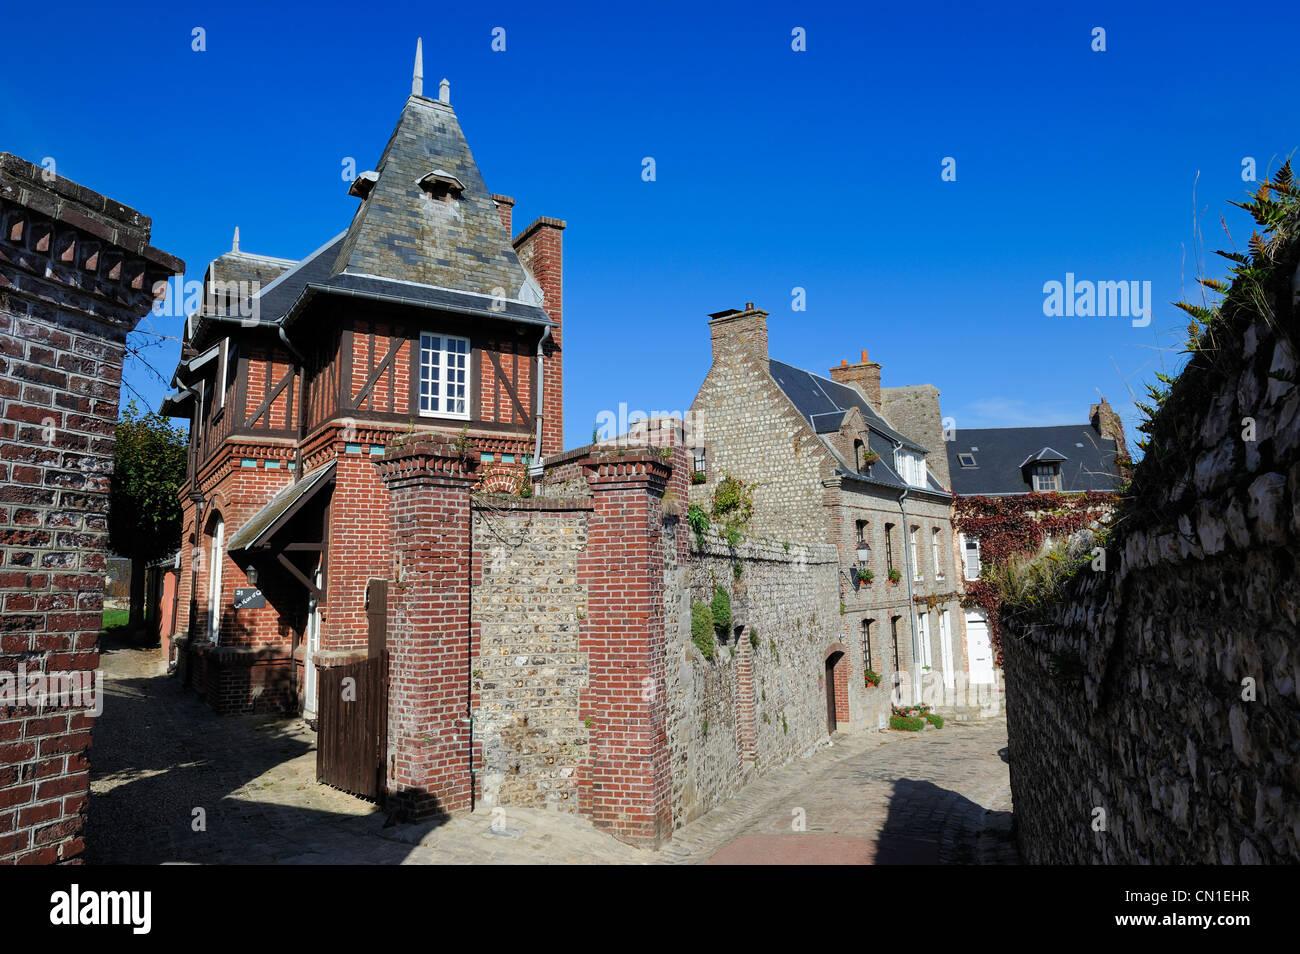 France, Seine Maritime, Saint Valery en Caux, the Aval district, the Rue des Penitents - Stock Image